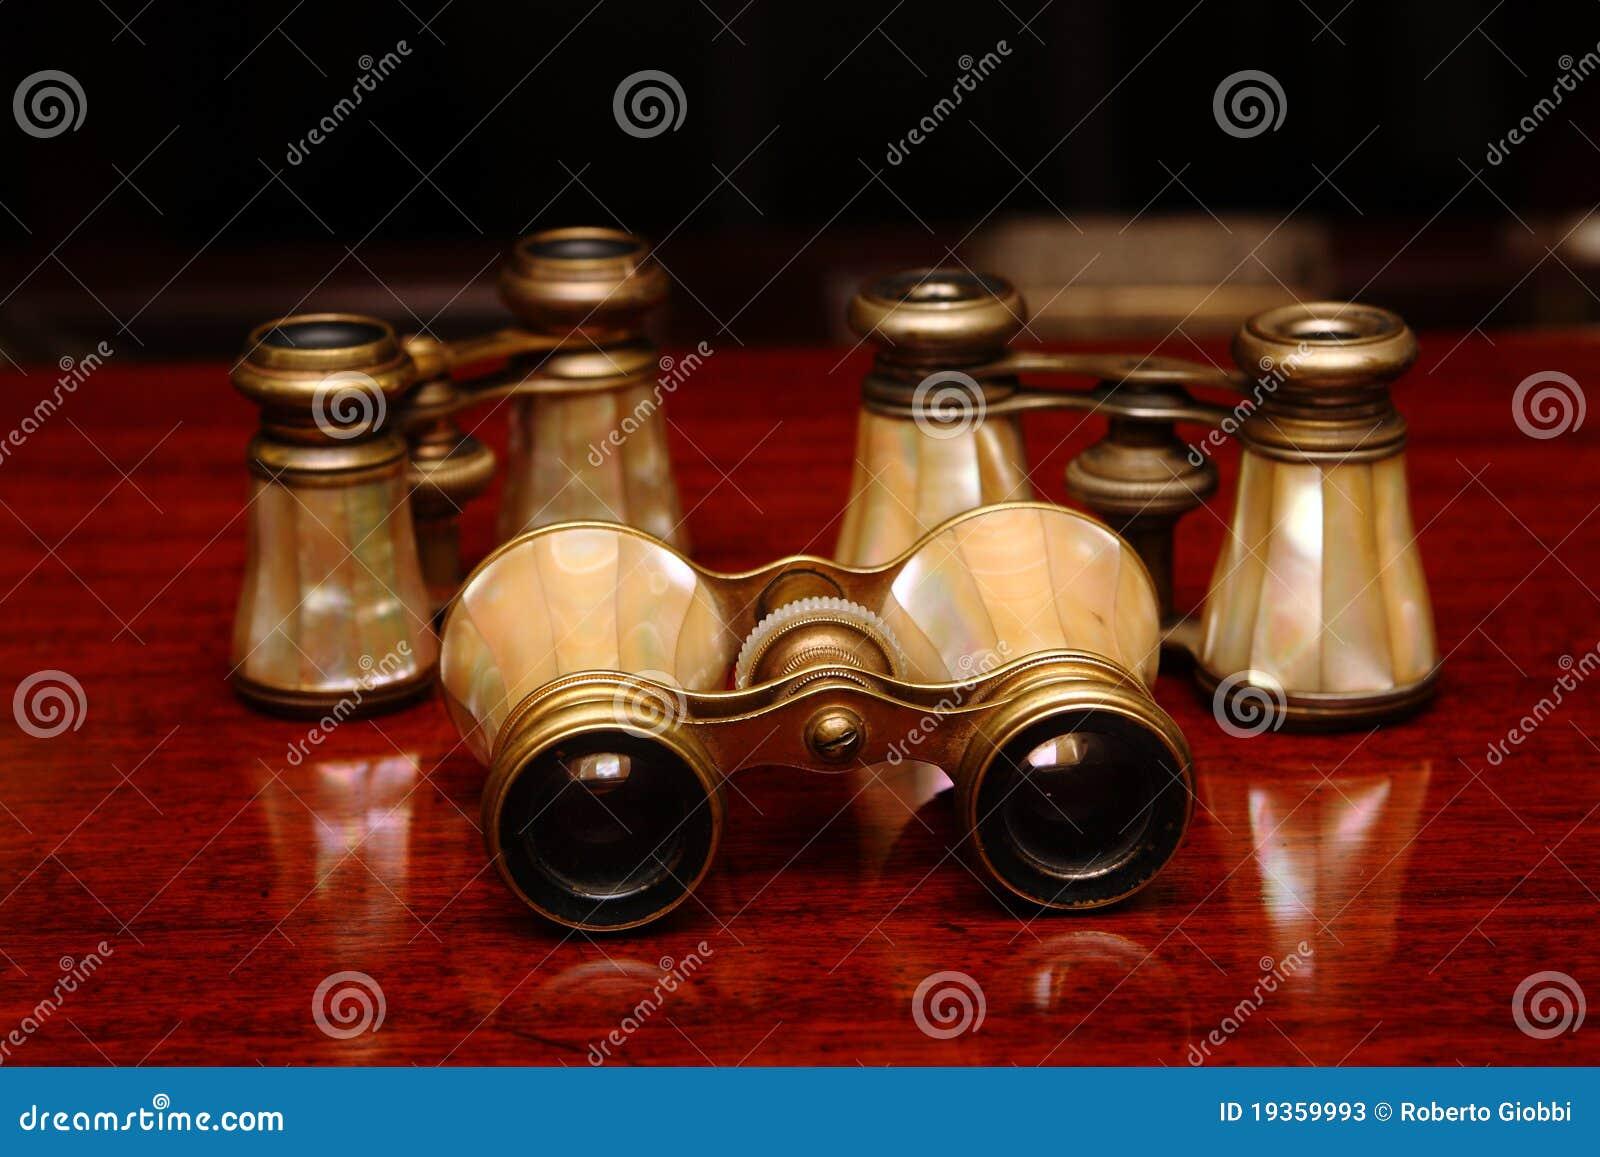 Três binóculos em uma mesa marrom